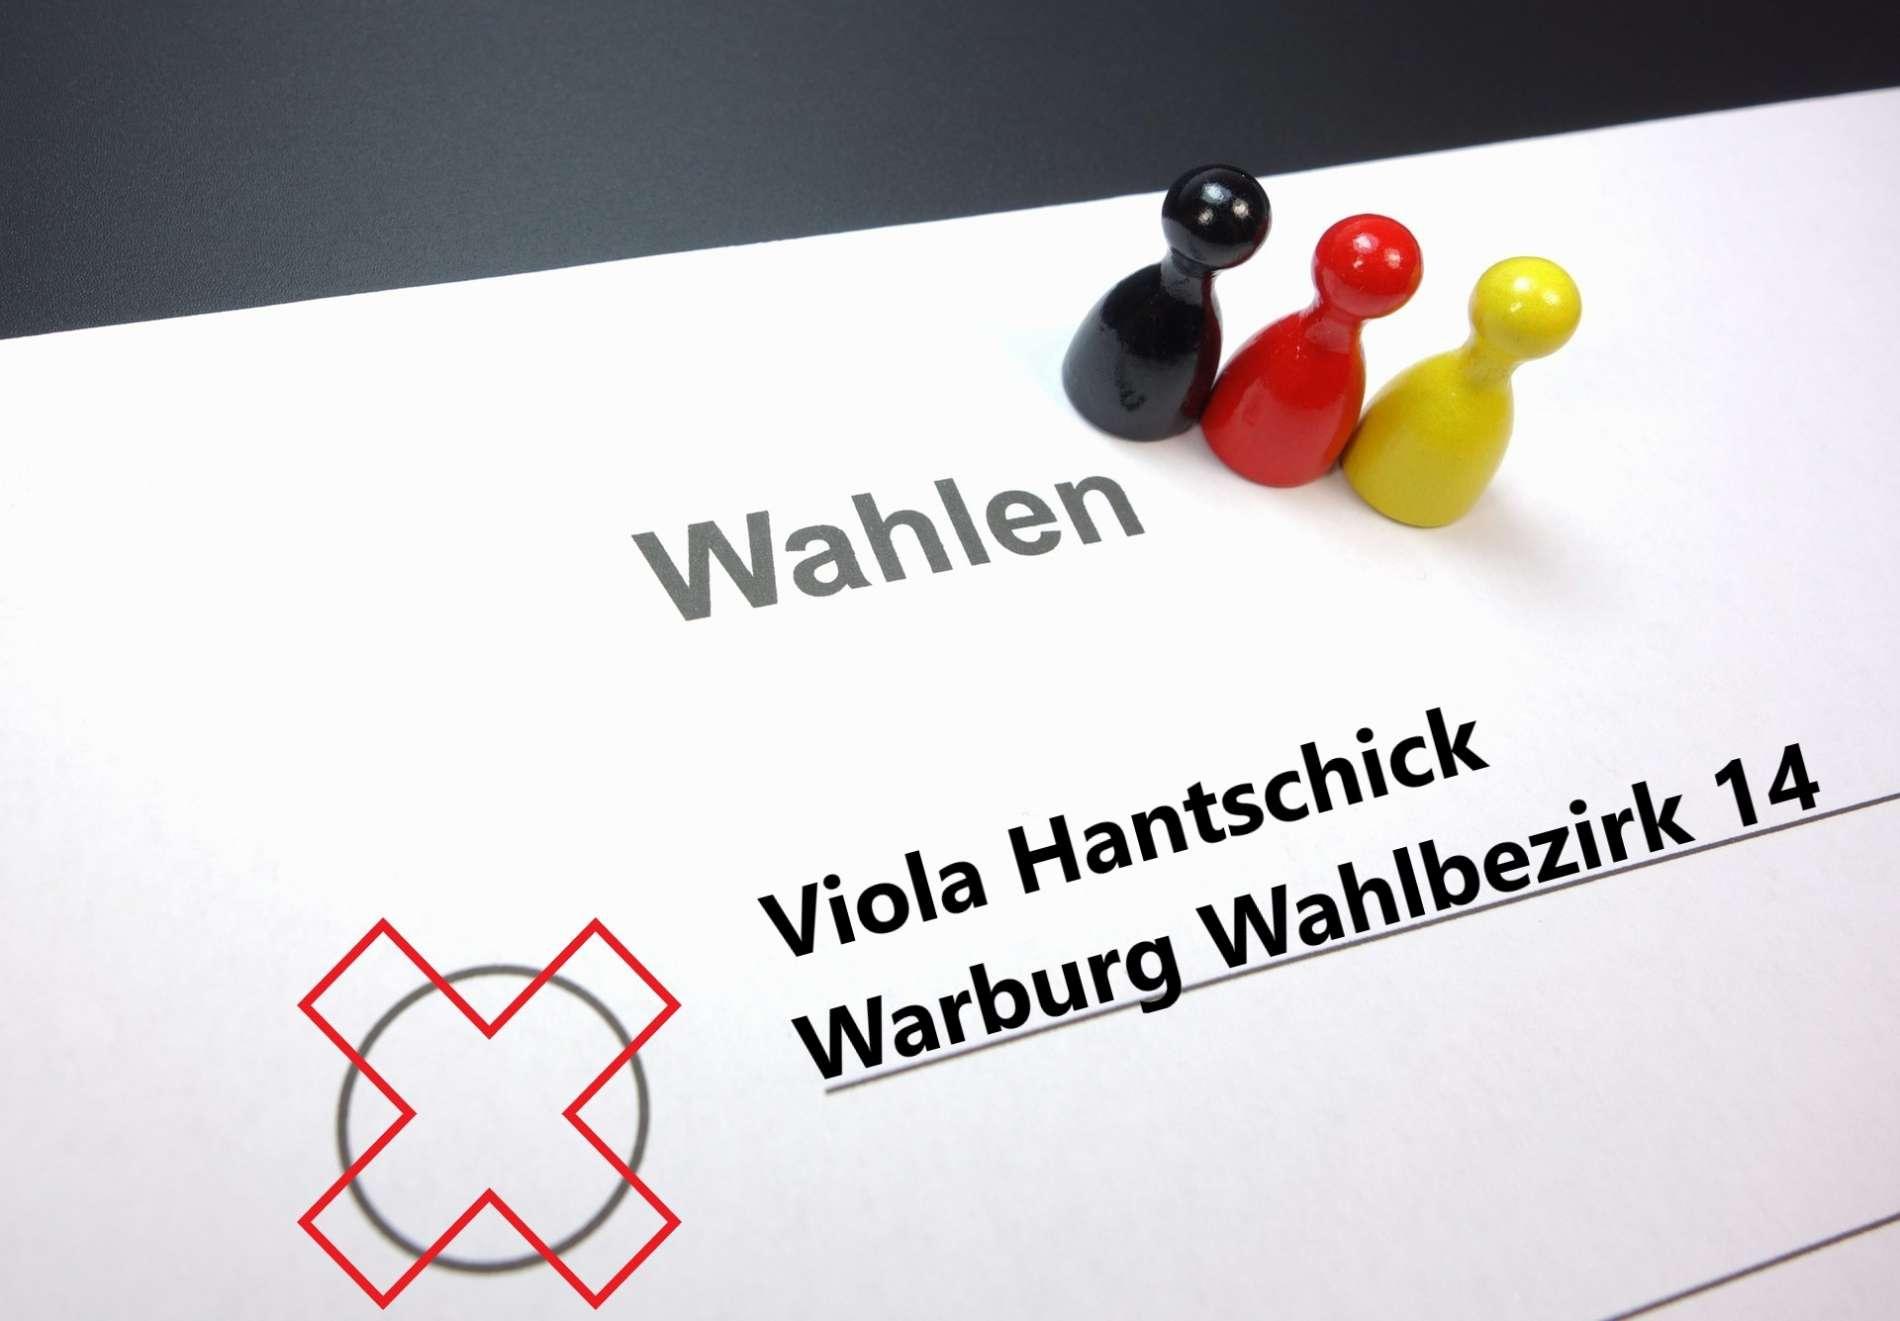 Viola Hantschick für Warburg Wahlbezirk 14